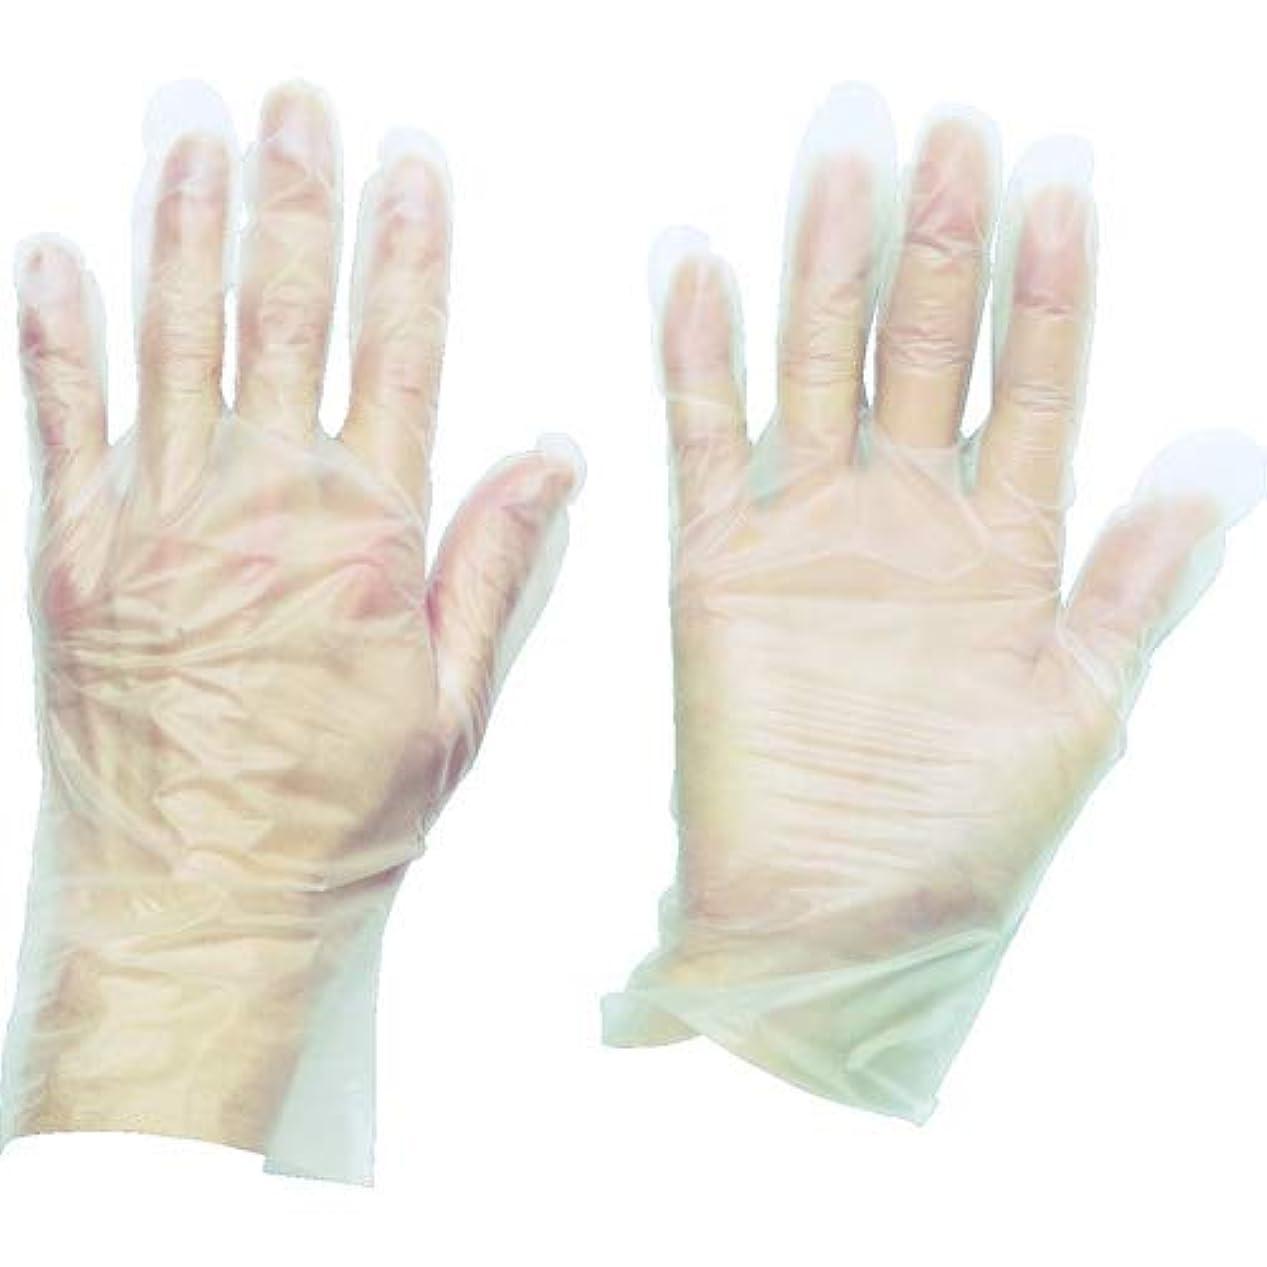 戦術かすかな若さトラスコ中山 株 TRUSCO ポリエチレン 使い捨て手袋 ウェーブカットタイプS 100枚入 TGCPE025S